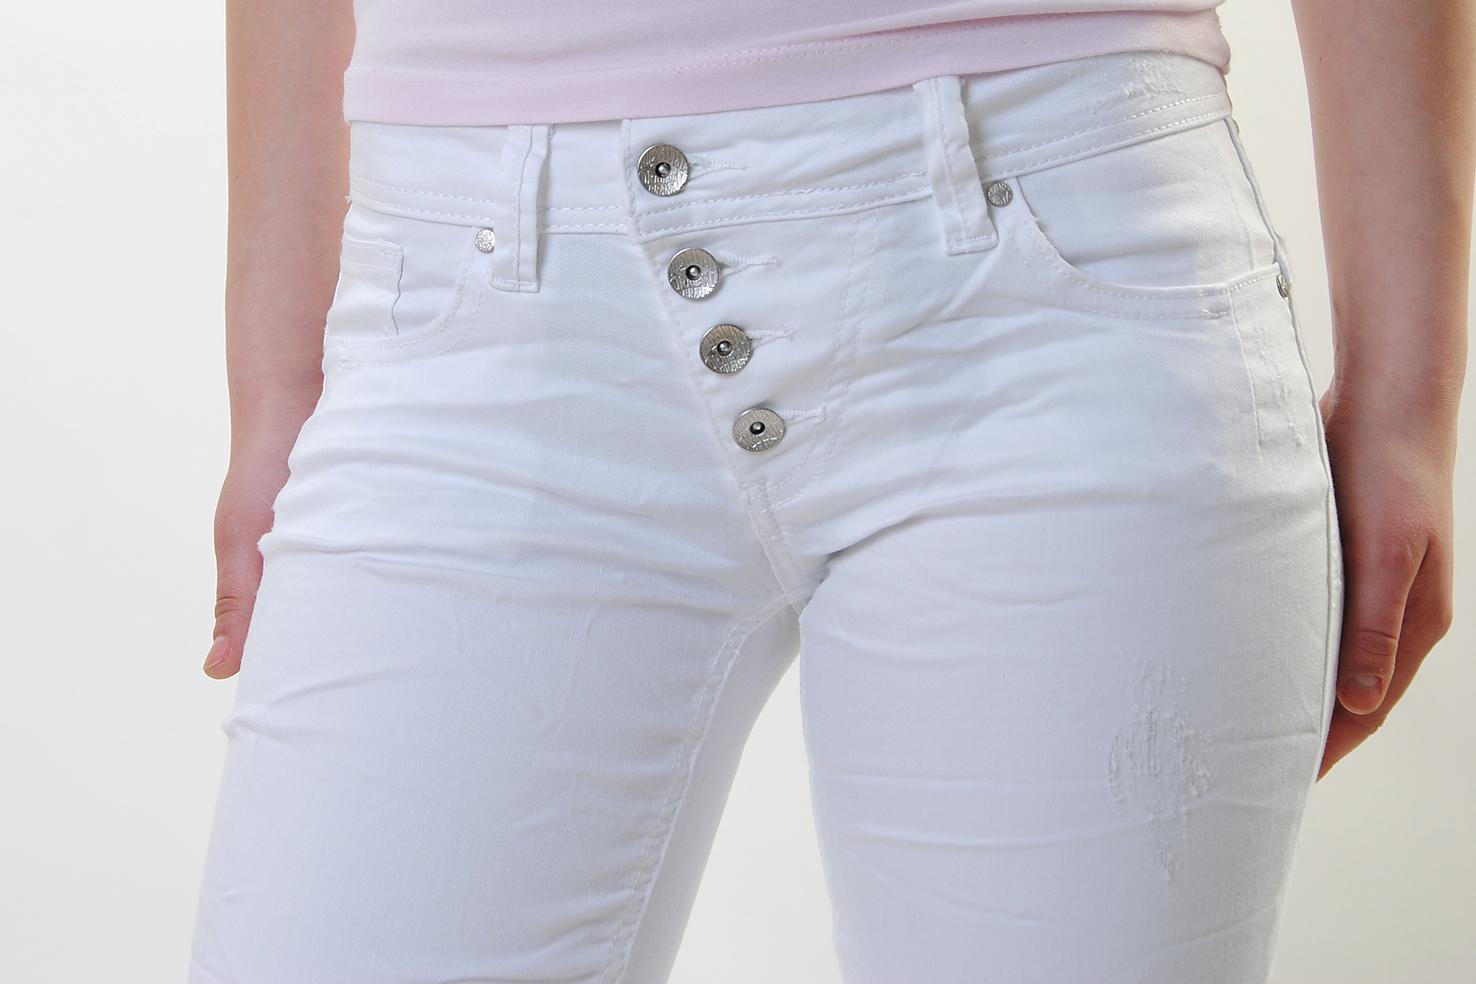 Buena vista jeans damen xxs super jeans in dieser saison - Zerrissene jeans damen ...